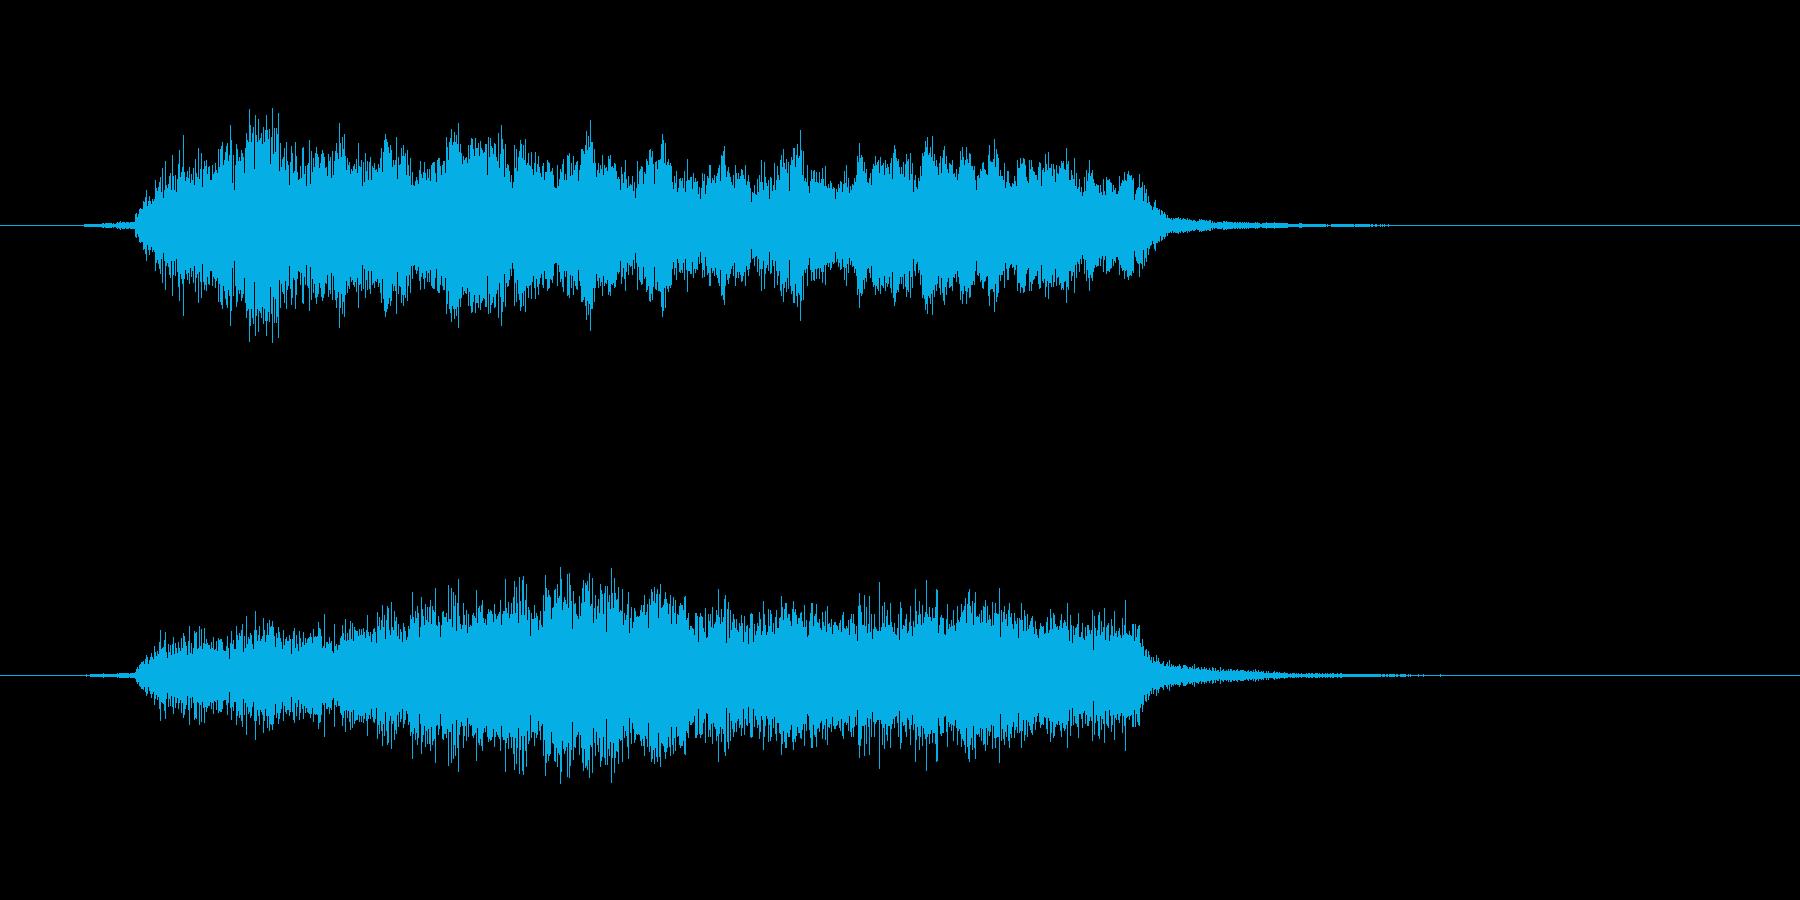 カッコいいオーケストラのジングルの再生済みの波形